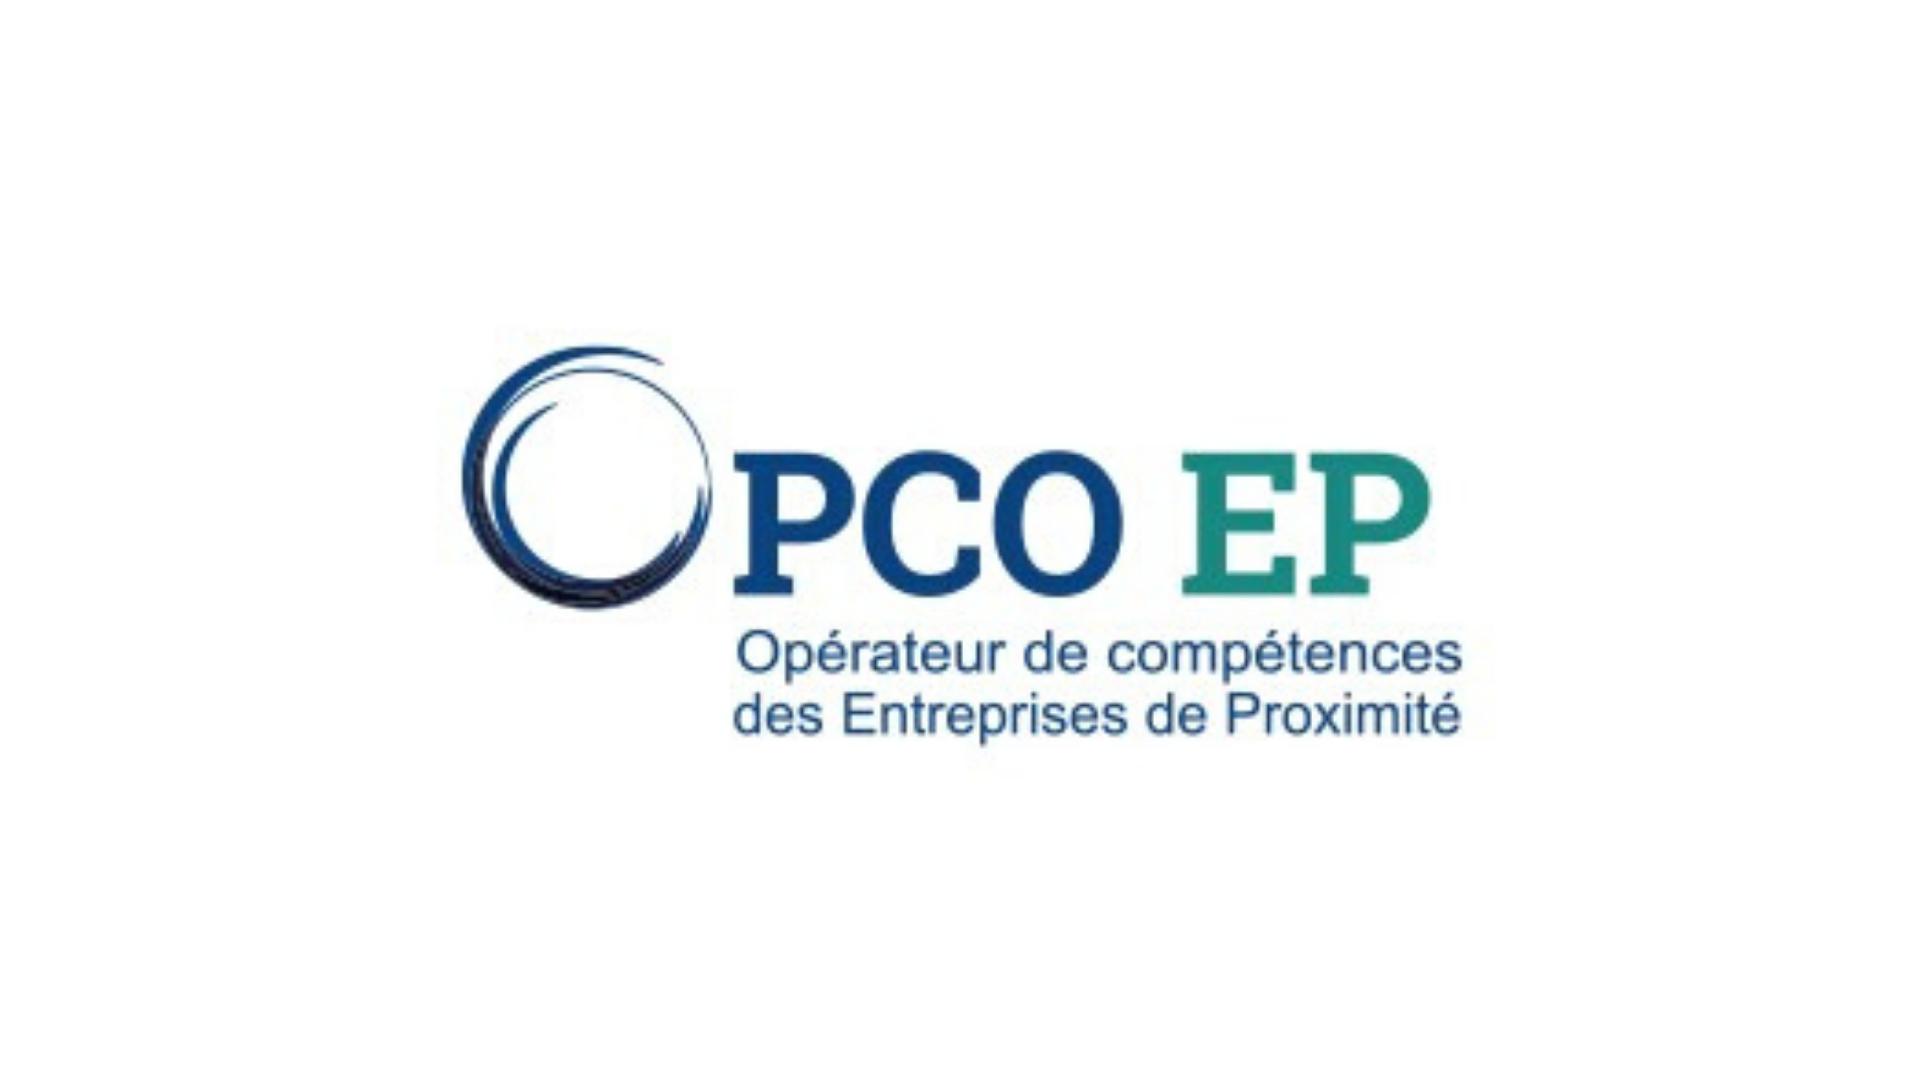 OPCO EP Entreprise de Proximité LOGO